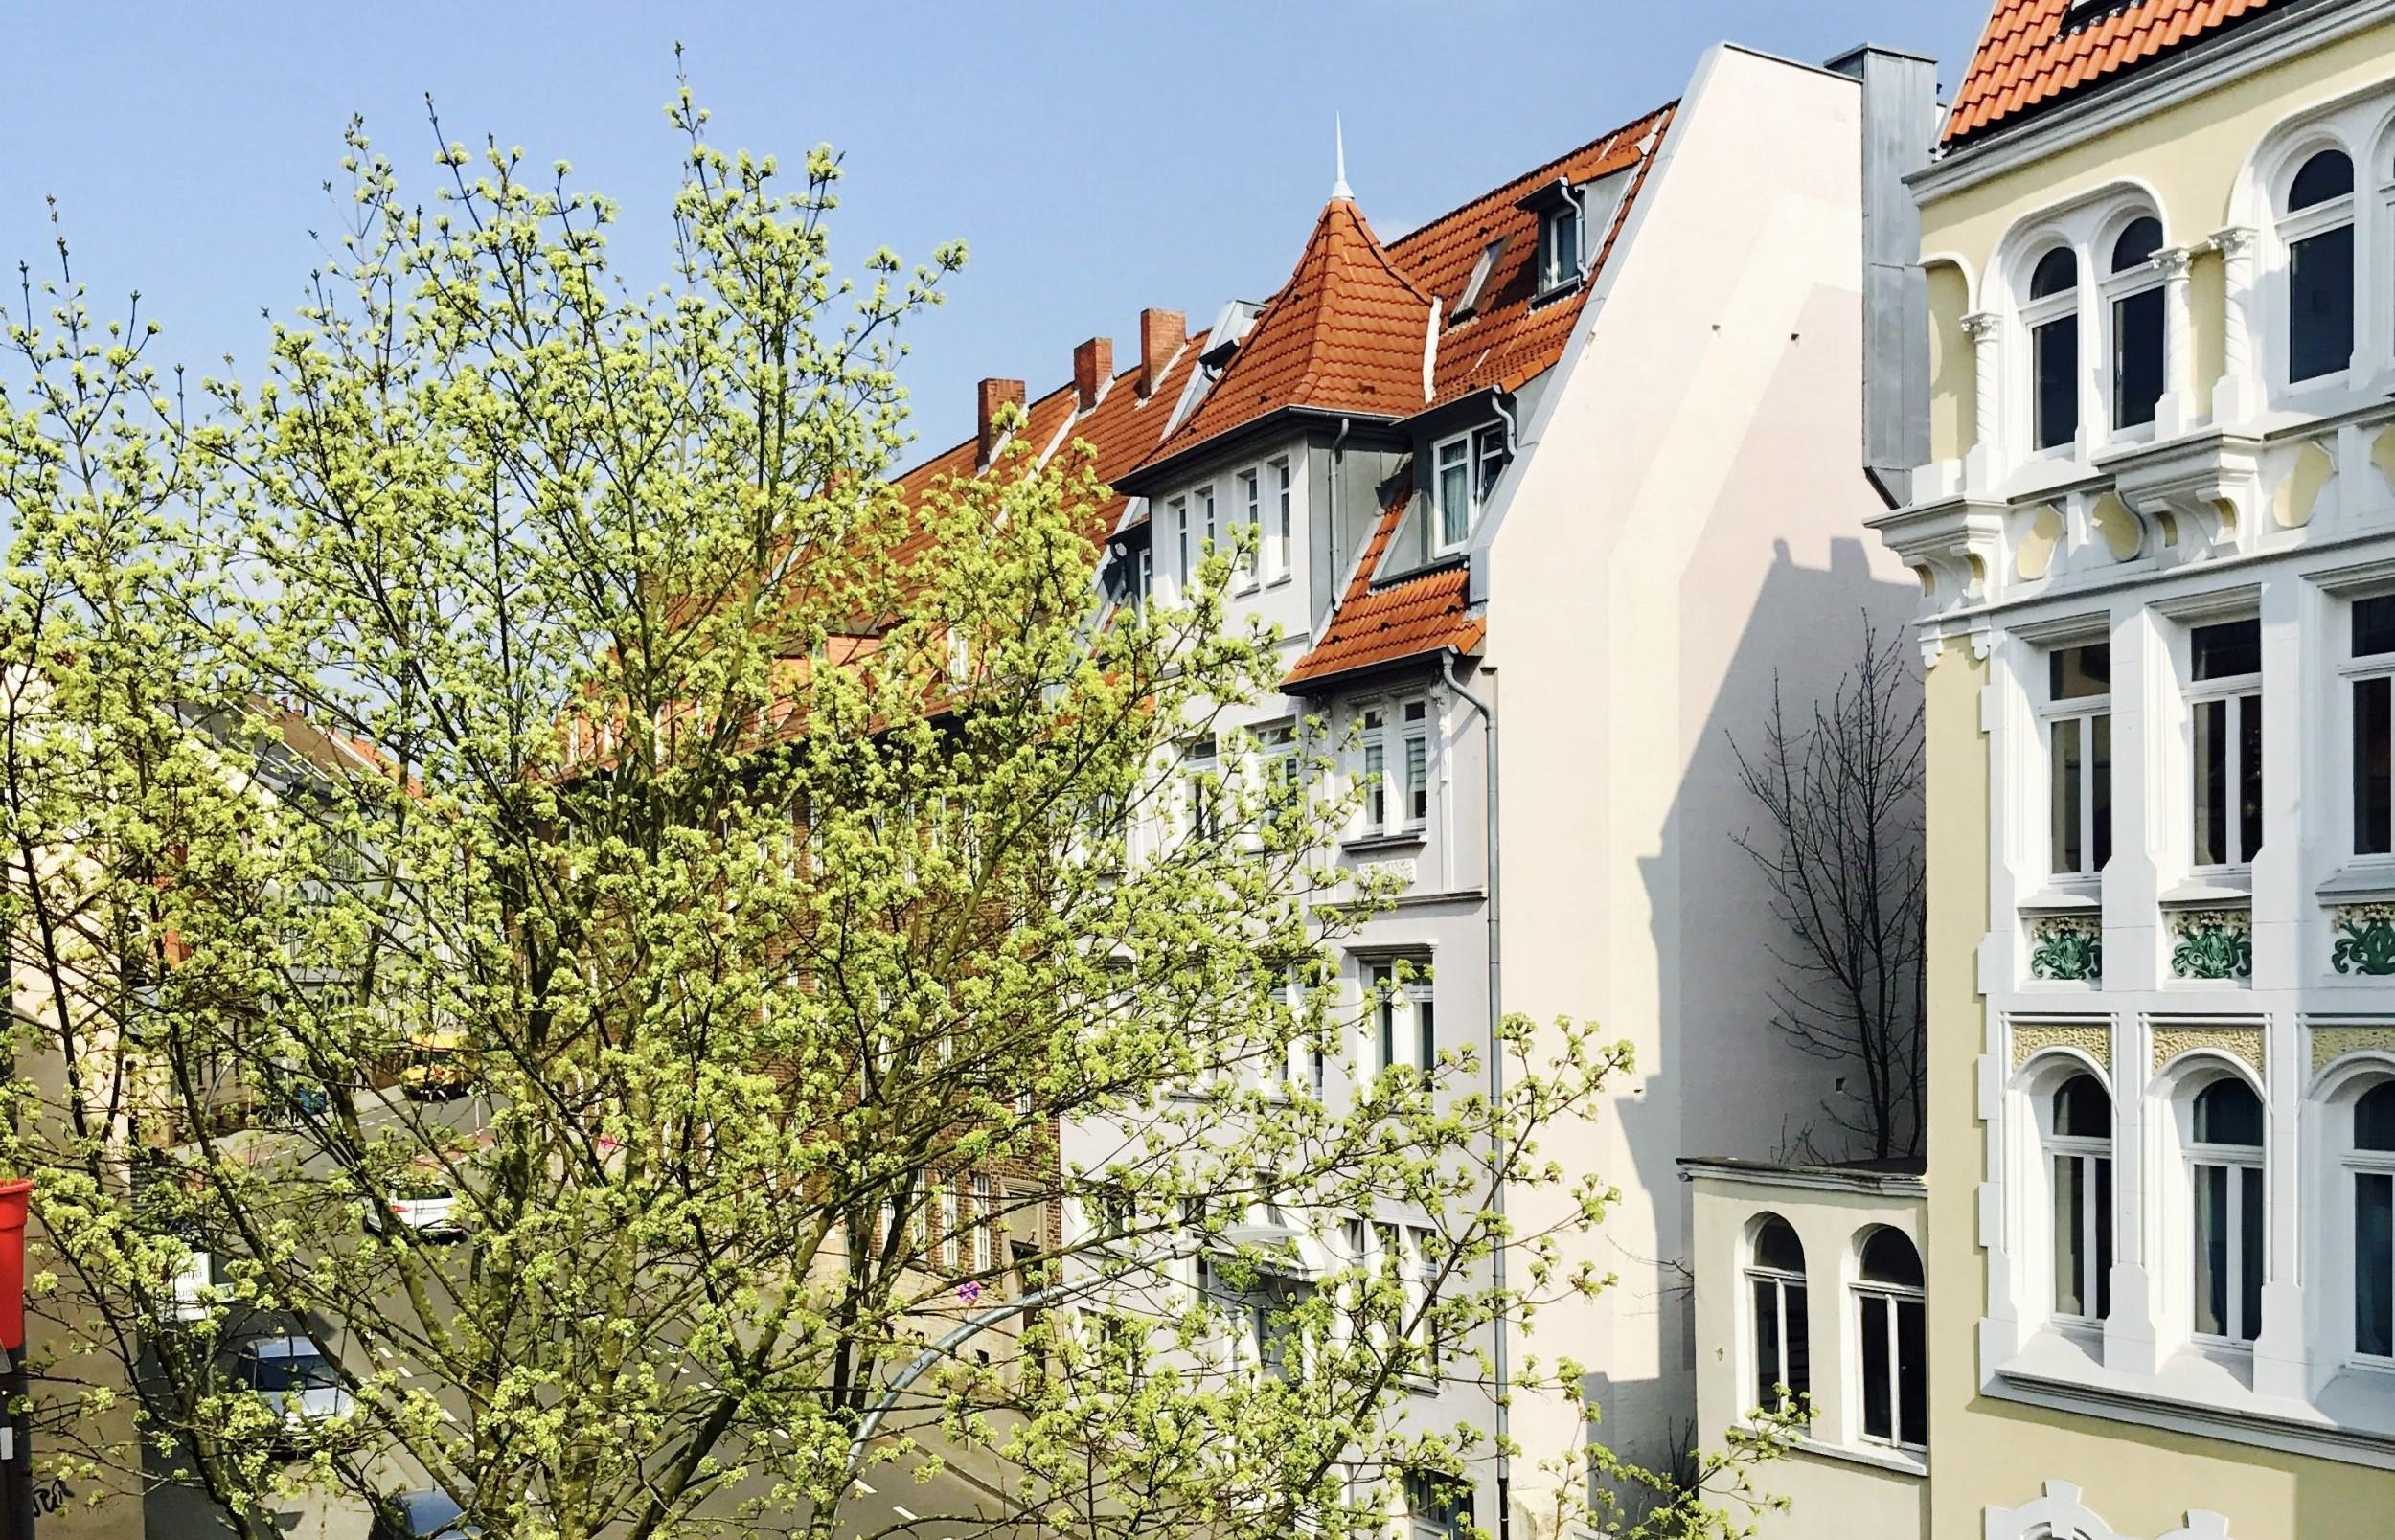 Möbliertes Wohnen auf Zeit in Osnabrück Innenstadt -Ferienwohnung, Boardinghouse, Hotel